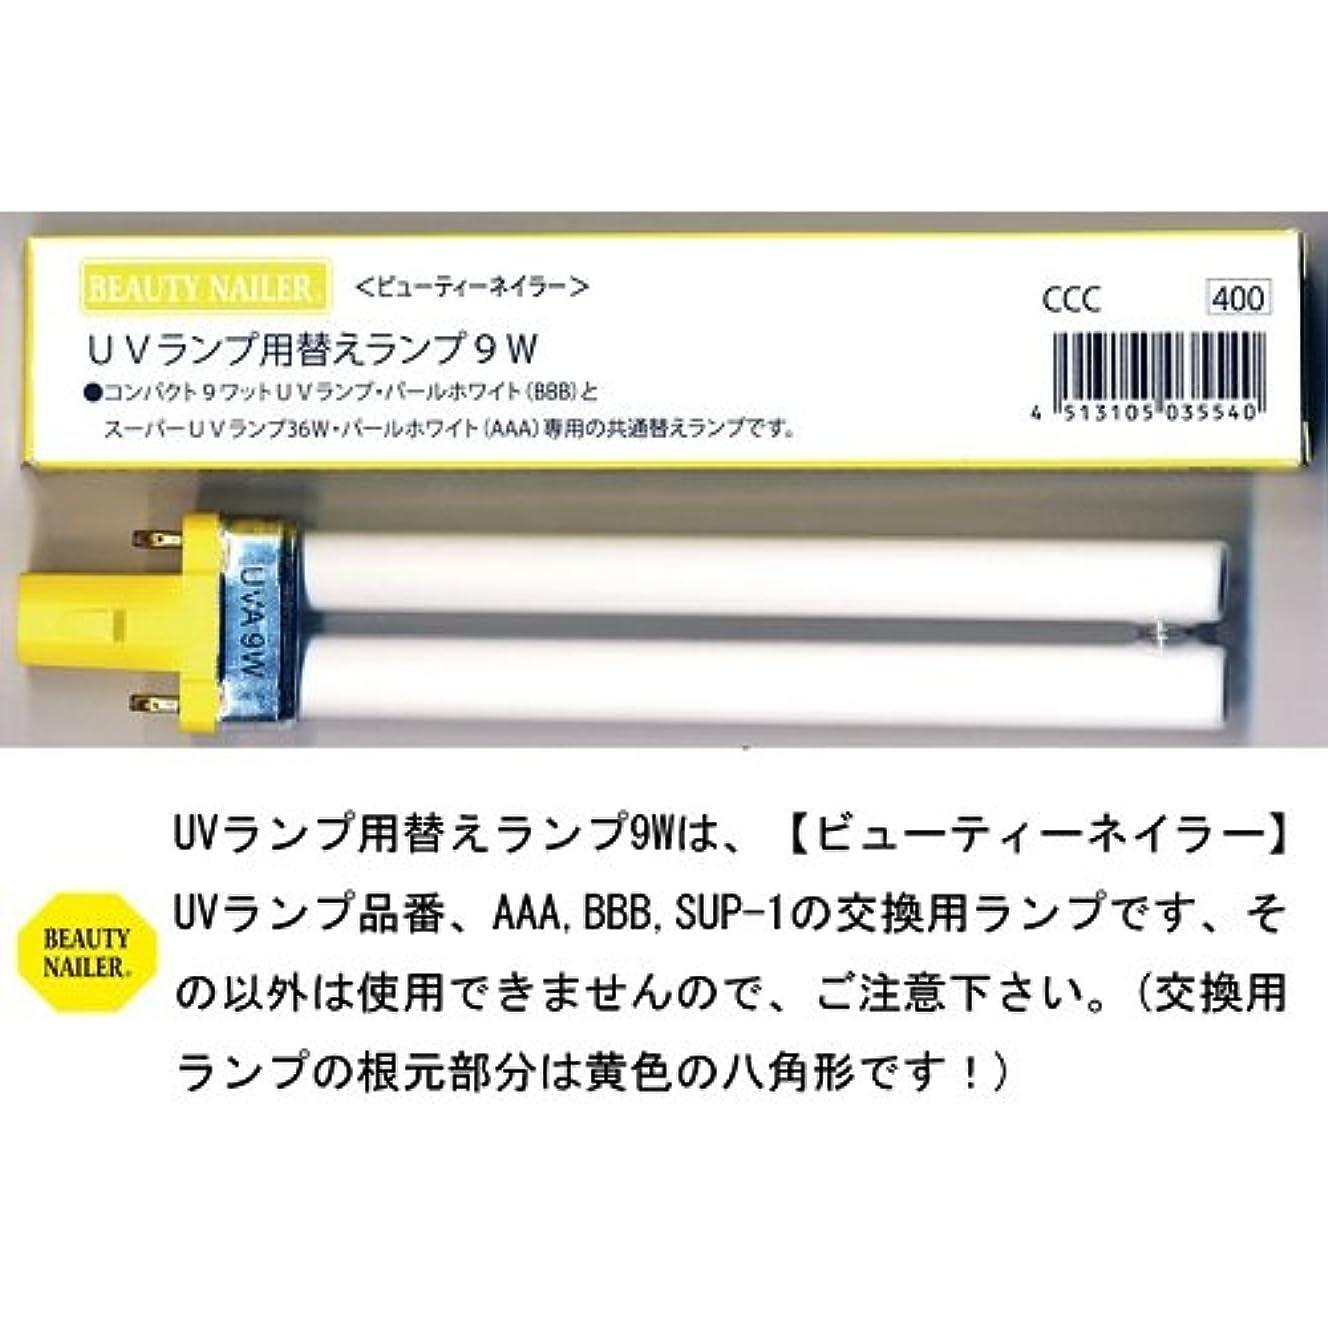 ごちそう膨らみマークビューティーネイラー 交換用UVランプ9W 4本セット CCC-4